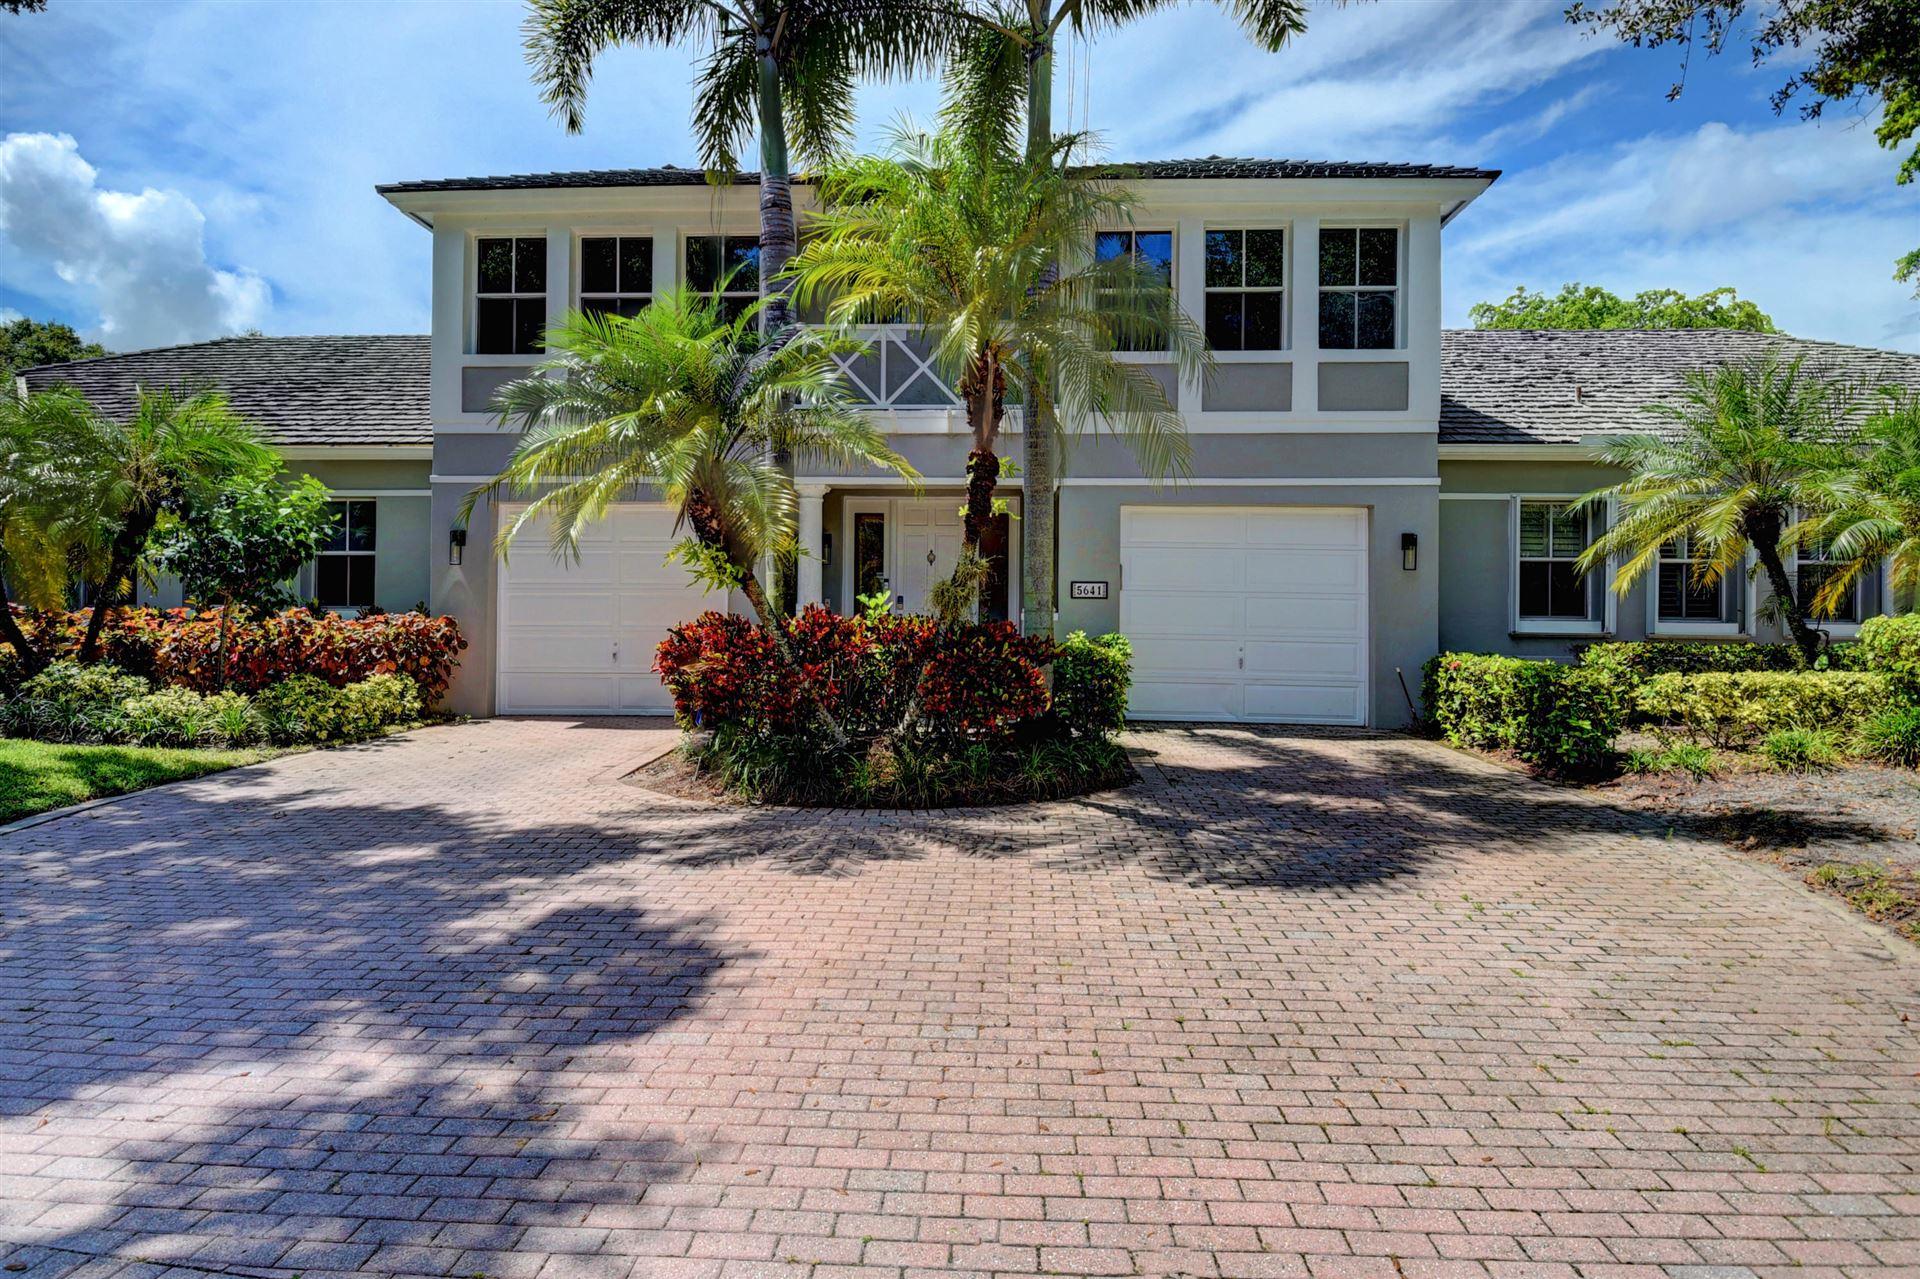 5641 NW 39th Avenue, Boca Raton, FL 33496 - #: RX-10654691